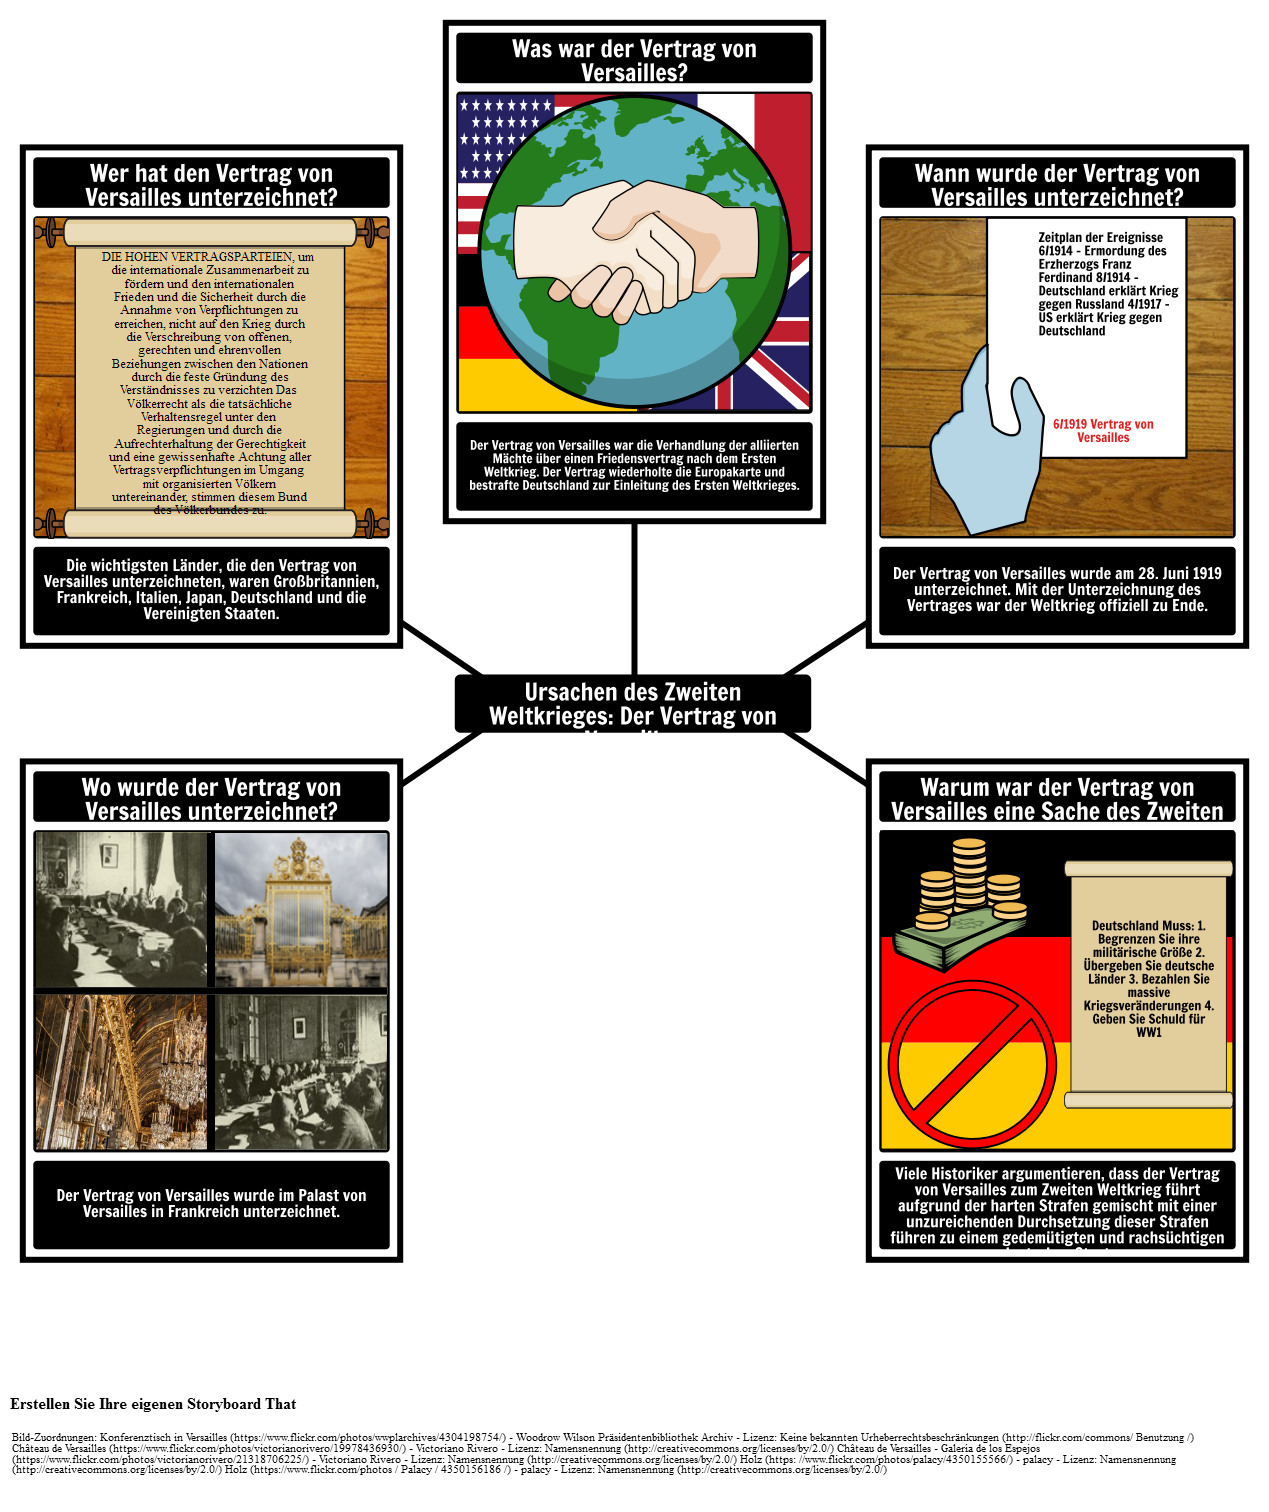 Ursachen 2 Weltkrieg Stichpunkte